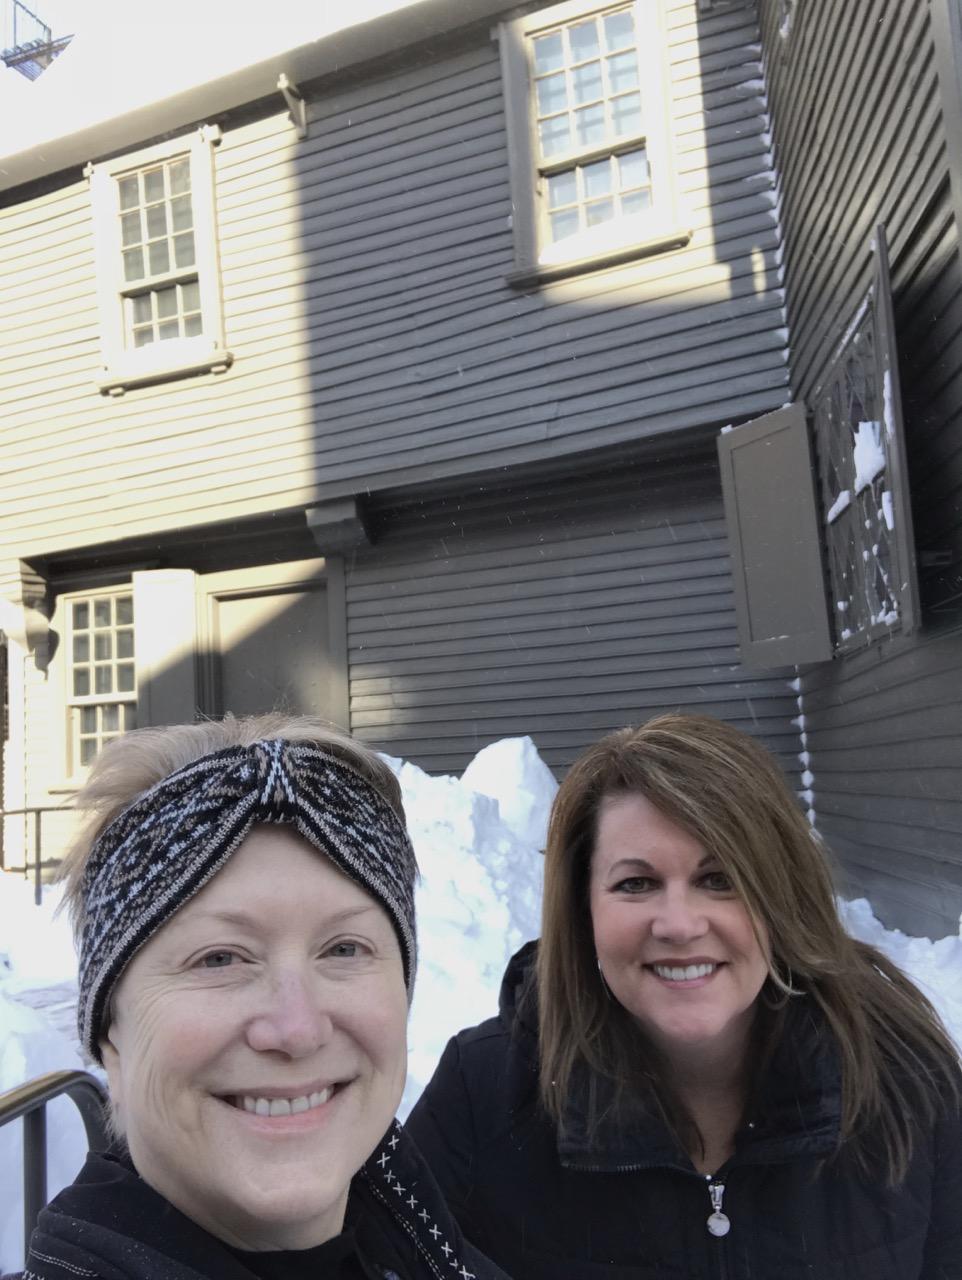 teri_boston_paulrevere_house_spiritedtable_photo6.jpg